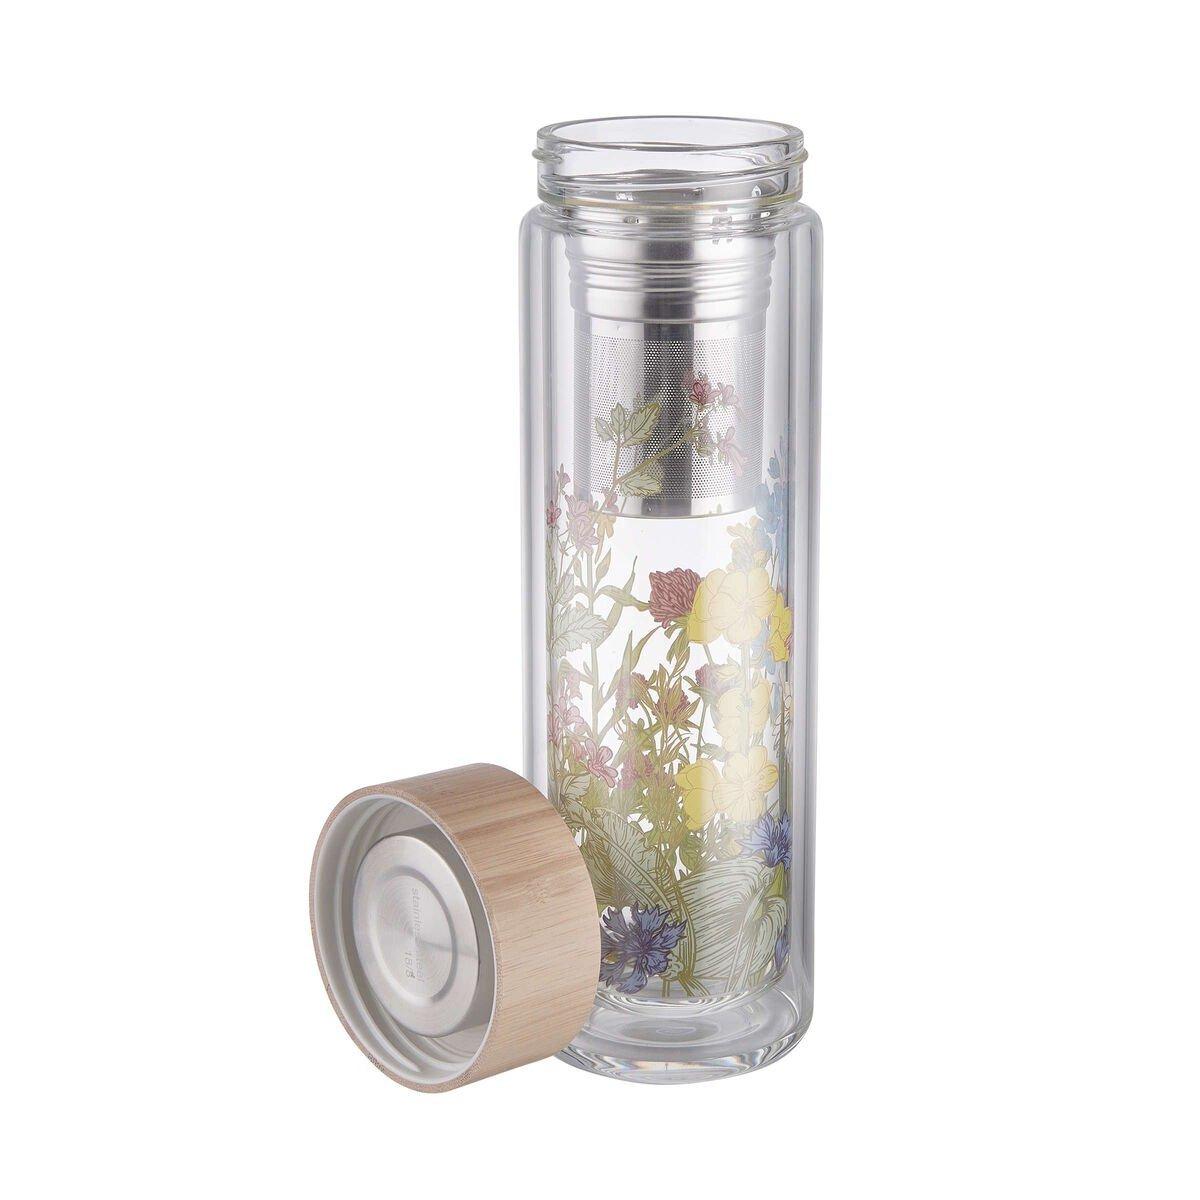 Bild 3 von TEA TENDER Teeflasche mit Blumendruck 450ml